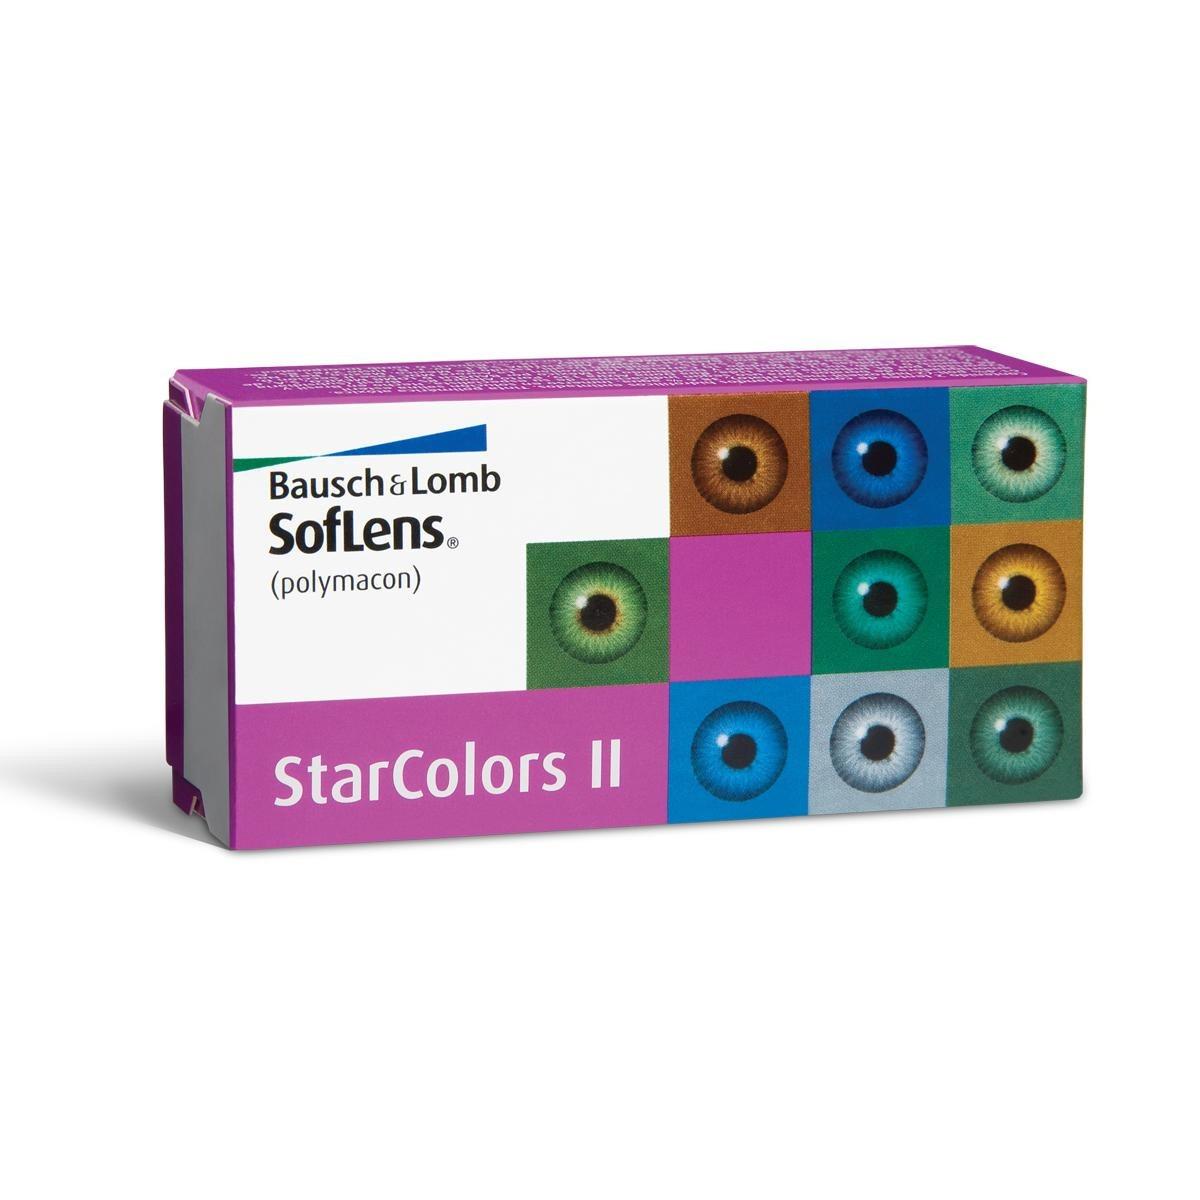 6f2ae6c89370d lente de contato star colors bausch lomb + estojo. Carregando zoom.